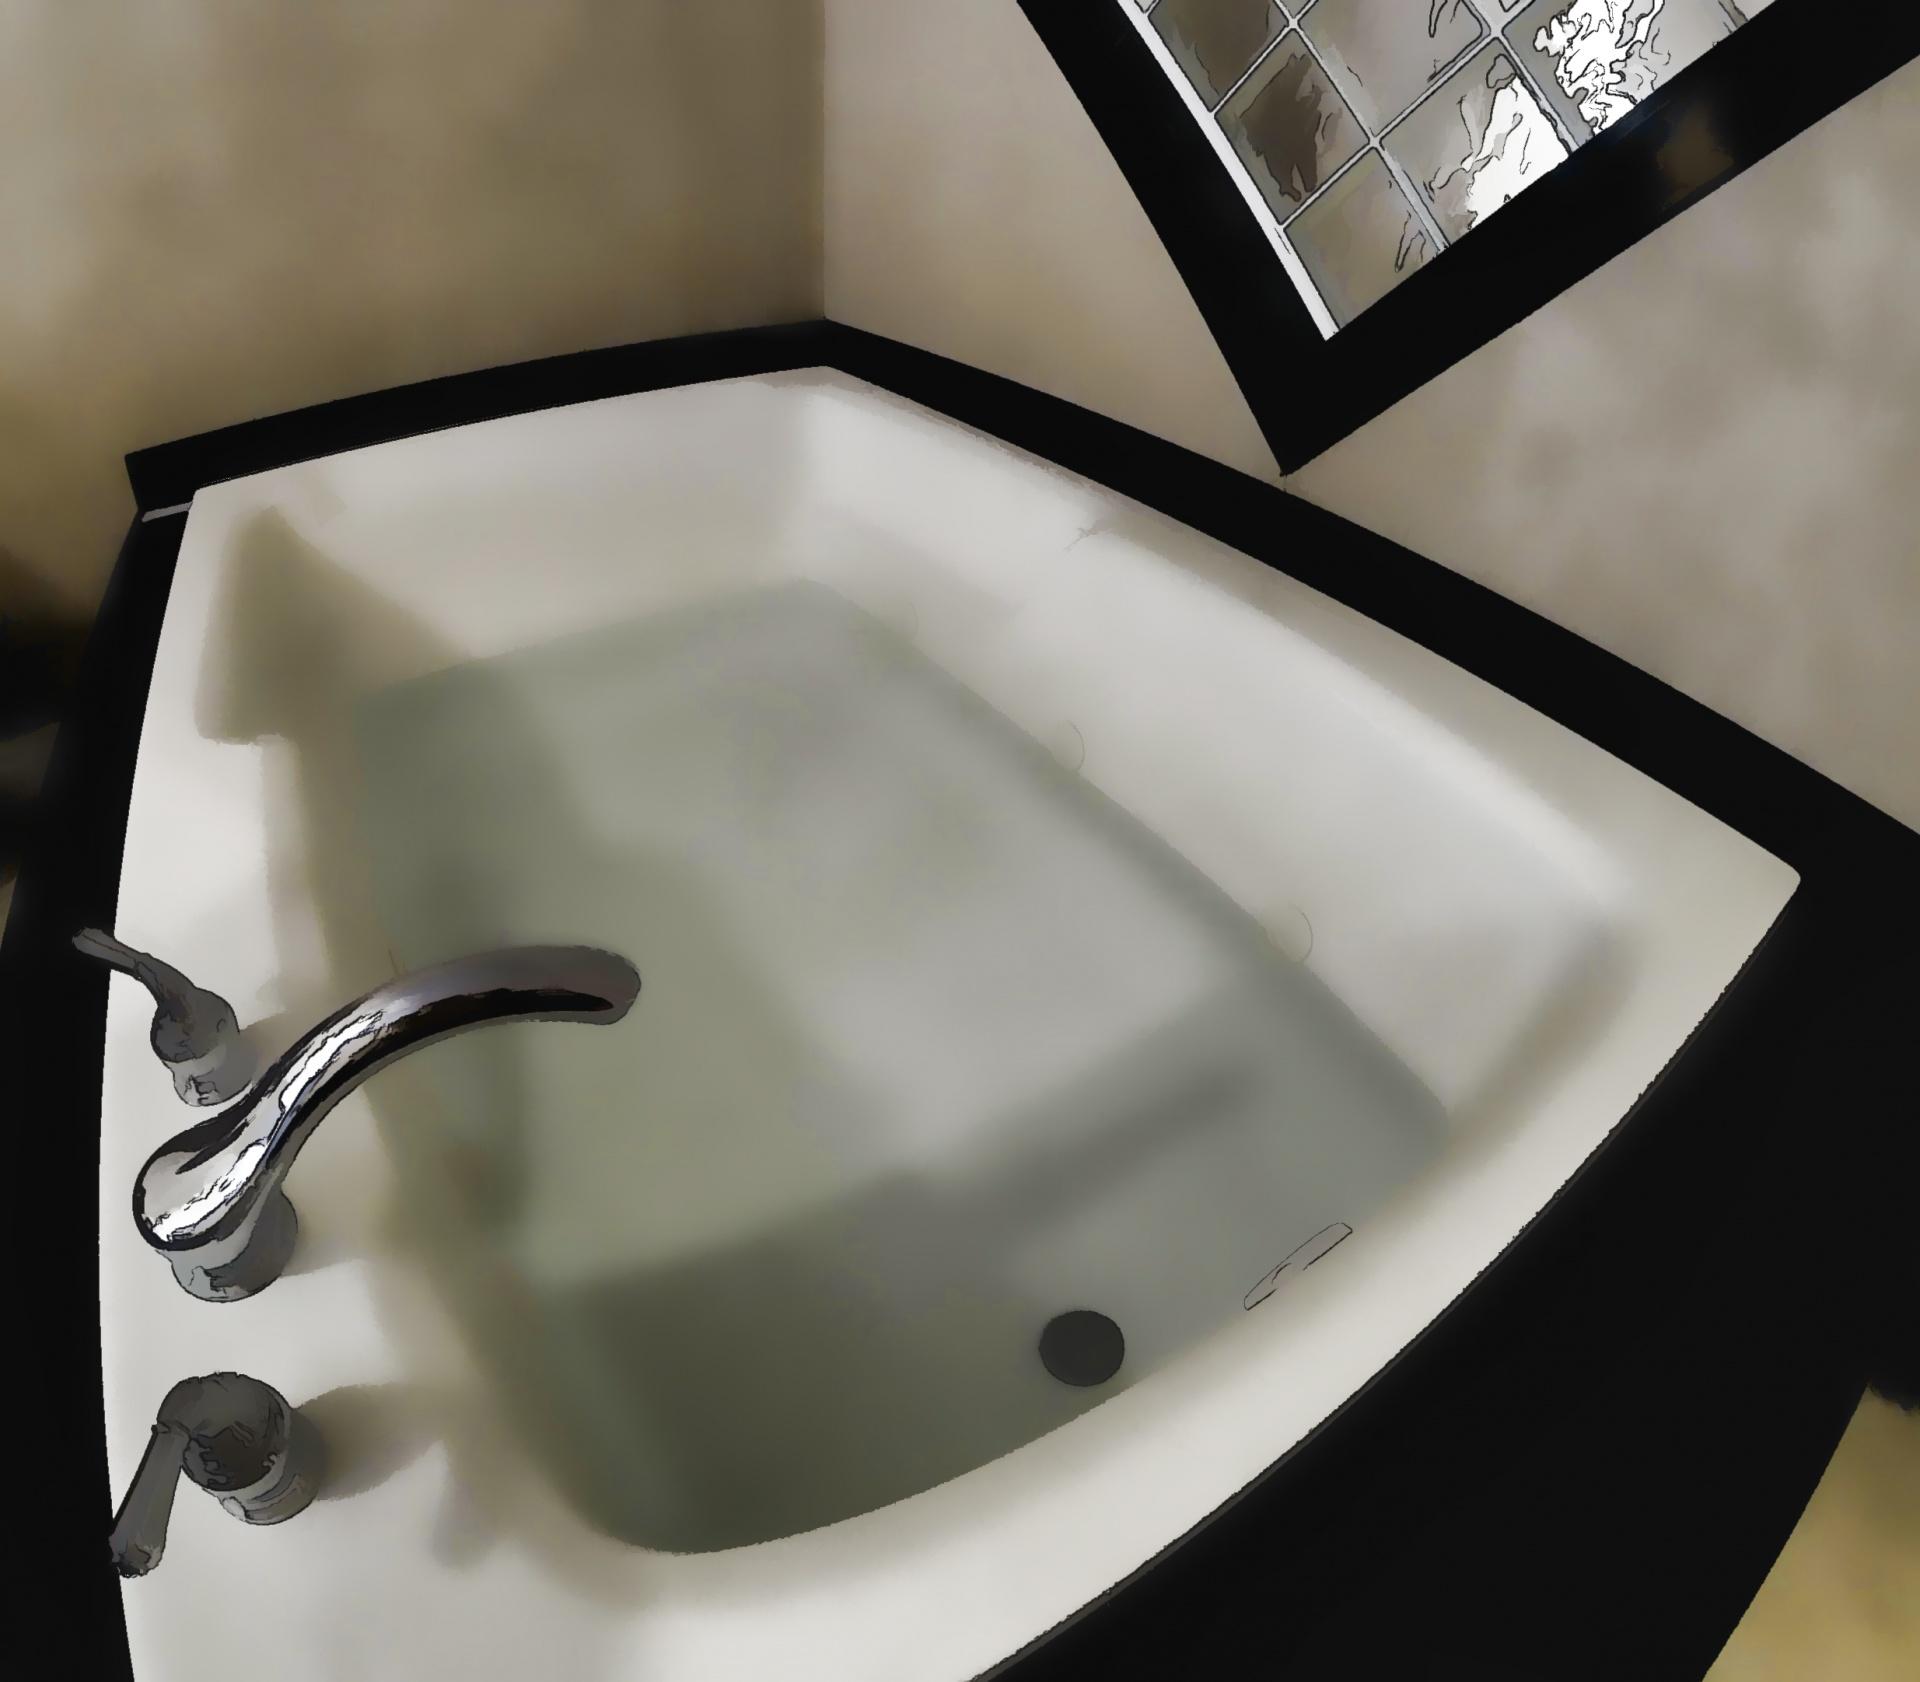 Spa,spas,bathtub,spatub,relax - free photo from needpix.com